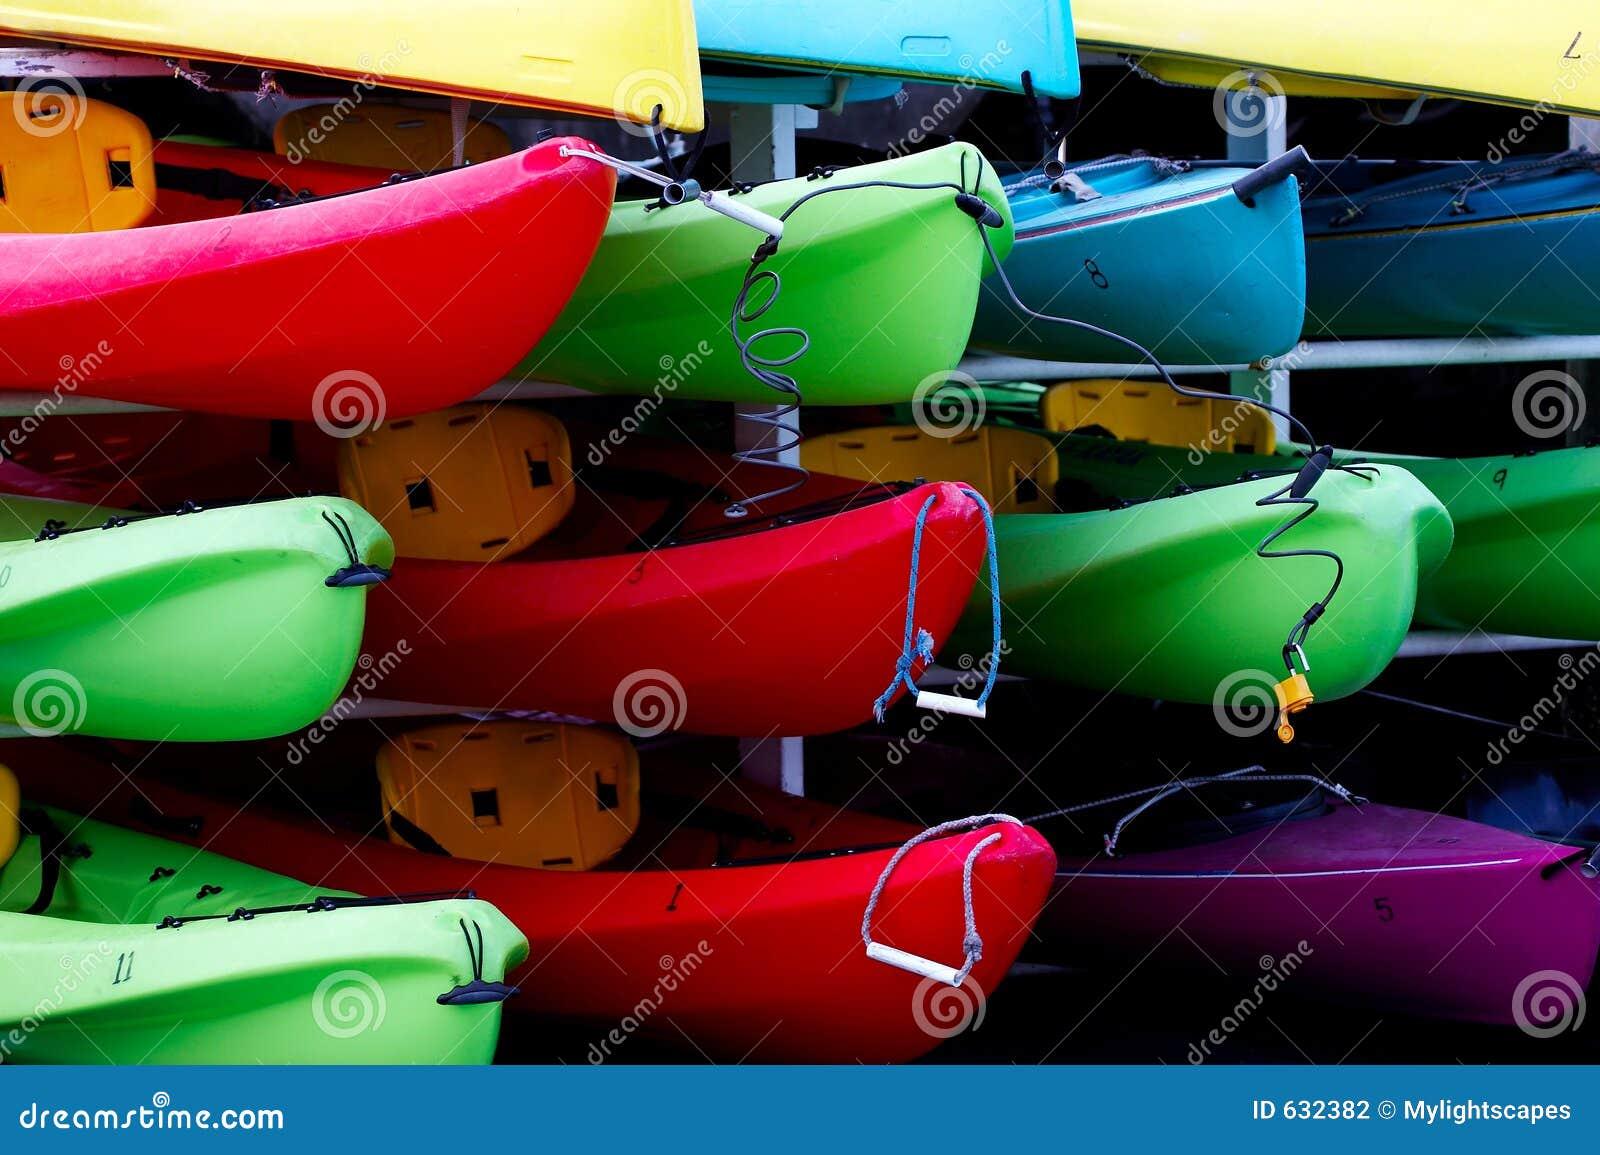 Multicolored rental kayaks